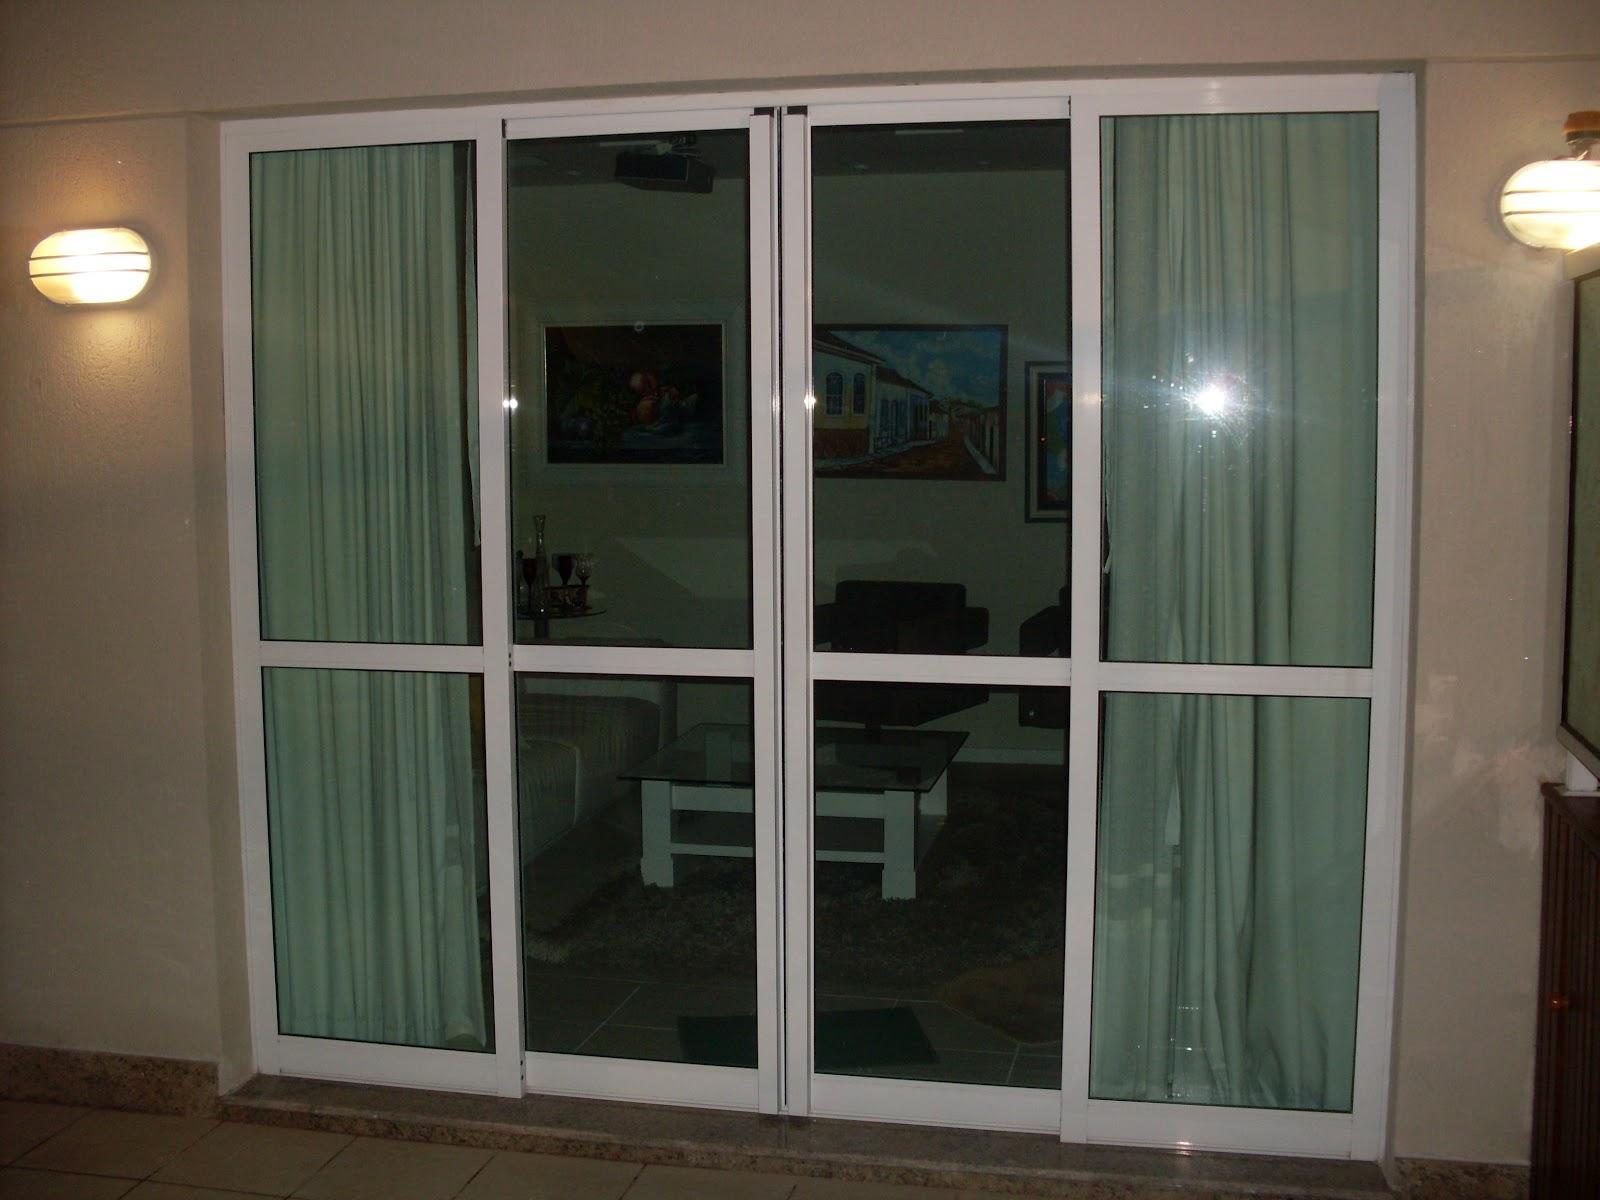 #866E45 Enzo Vidraçaria e Serralheria: Portas de Blindex/ Porta de alumínio  978 Porta E Janela De Aluminio Preço